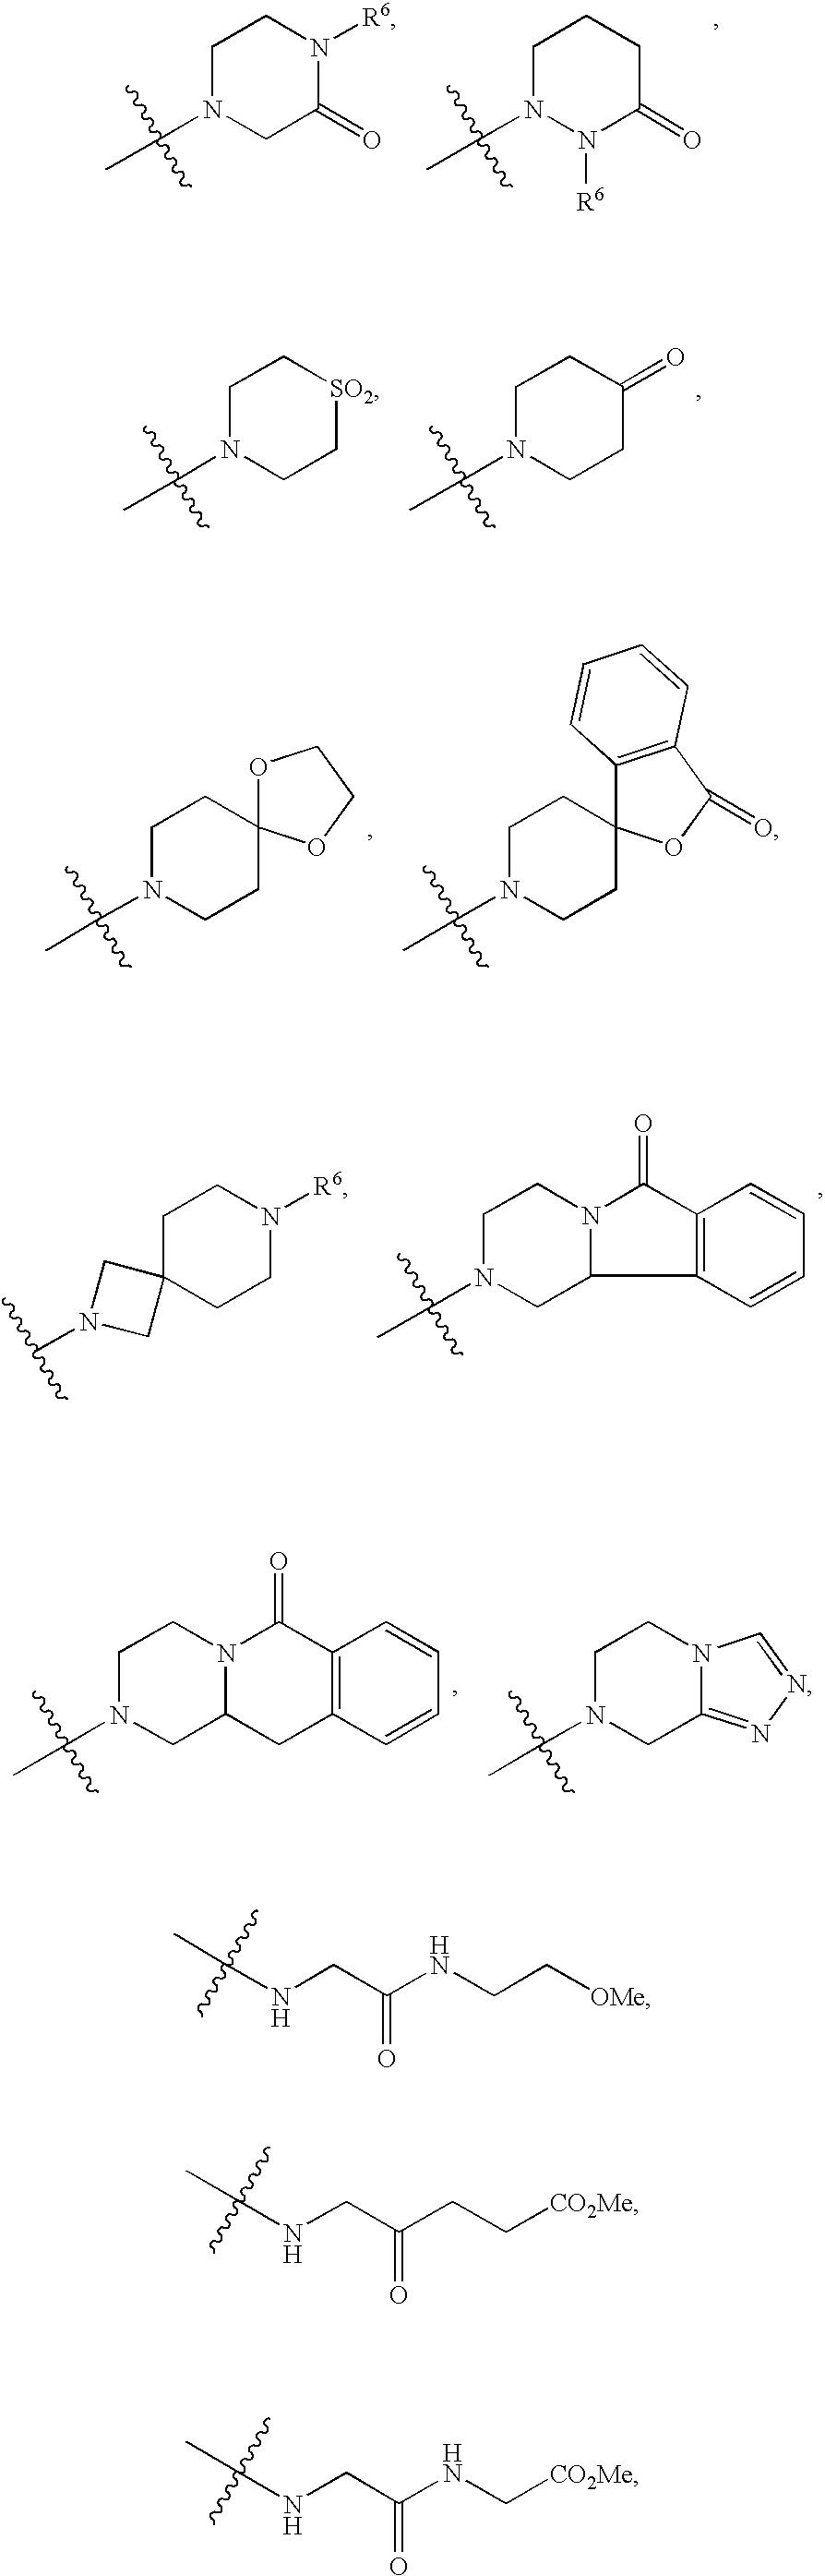 Figure US07473688-20090106-C00019